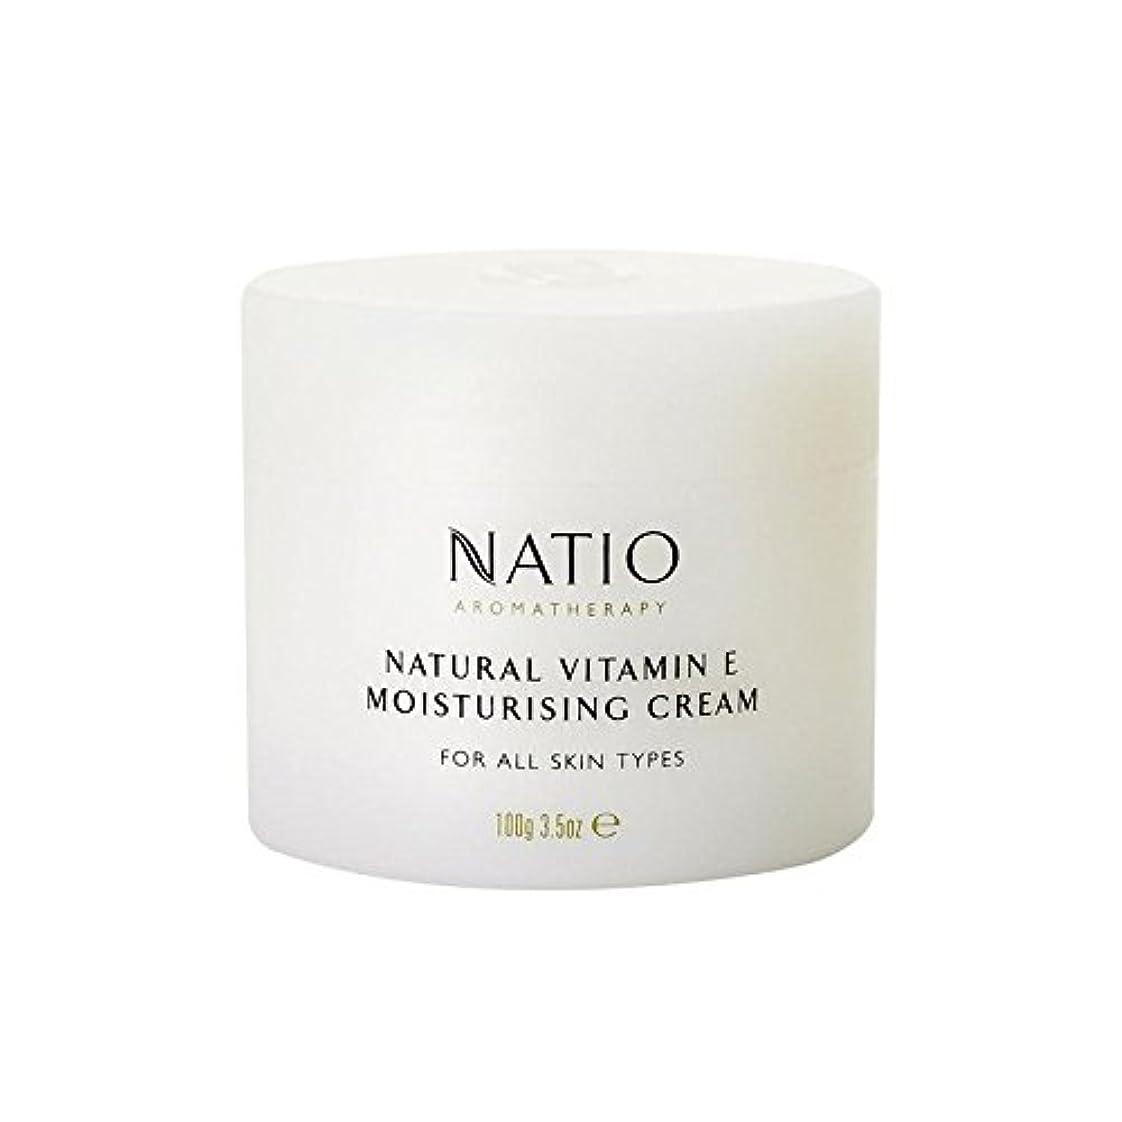 海外でビスケット判定[Natio] Natio天然ビタミンEの保湿クリーム(100グラム) - Natio Natural Vitamin E Moisturising Cream (100G) [並行輸入品]